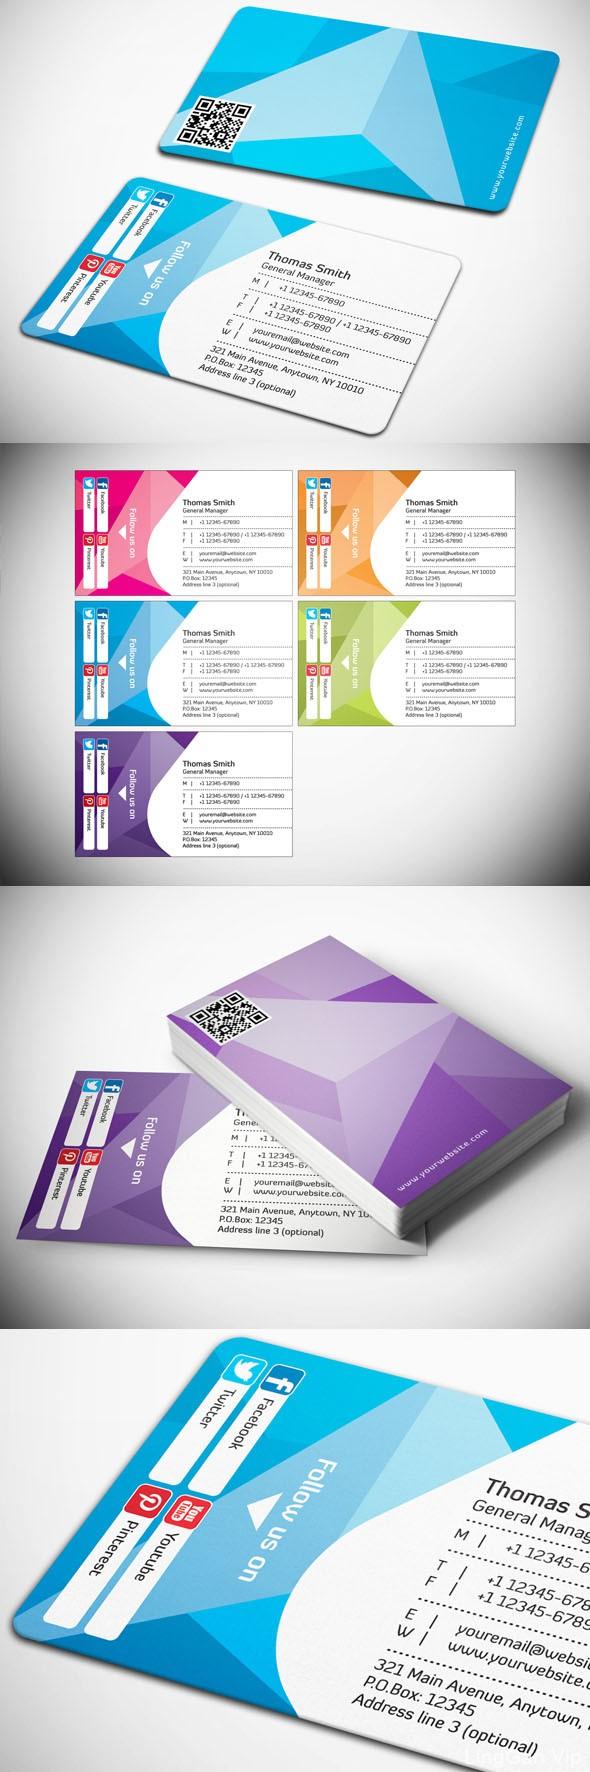 几款不同颜色的企业名片/现代商业名片设计模板